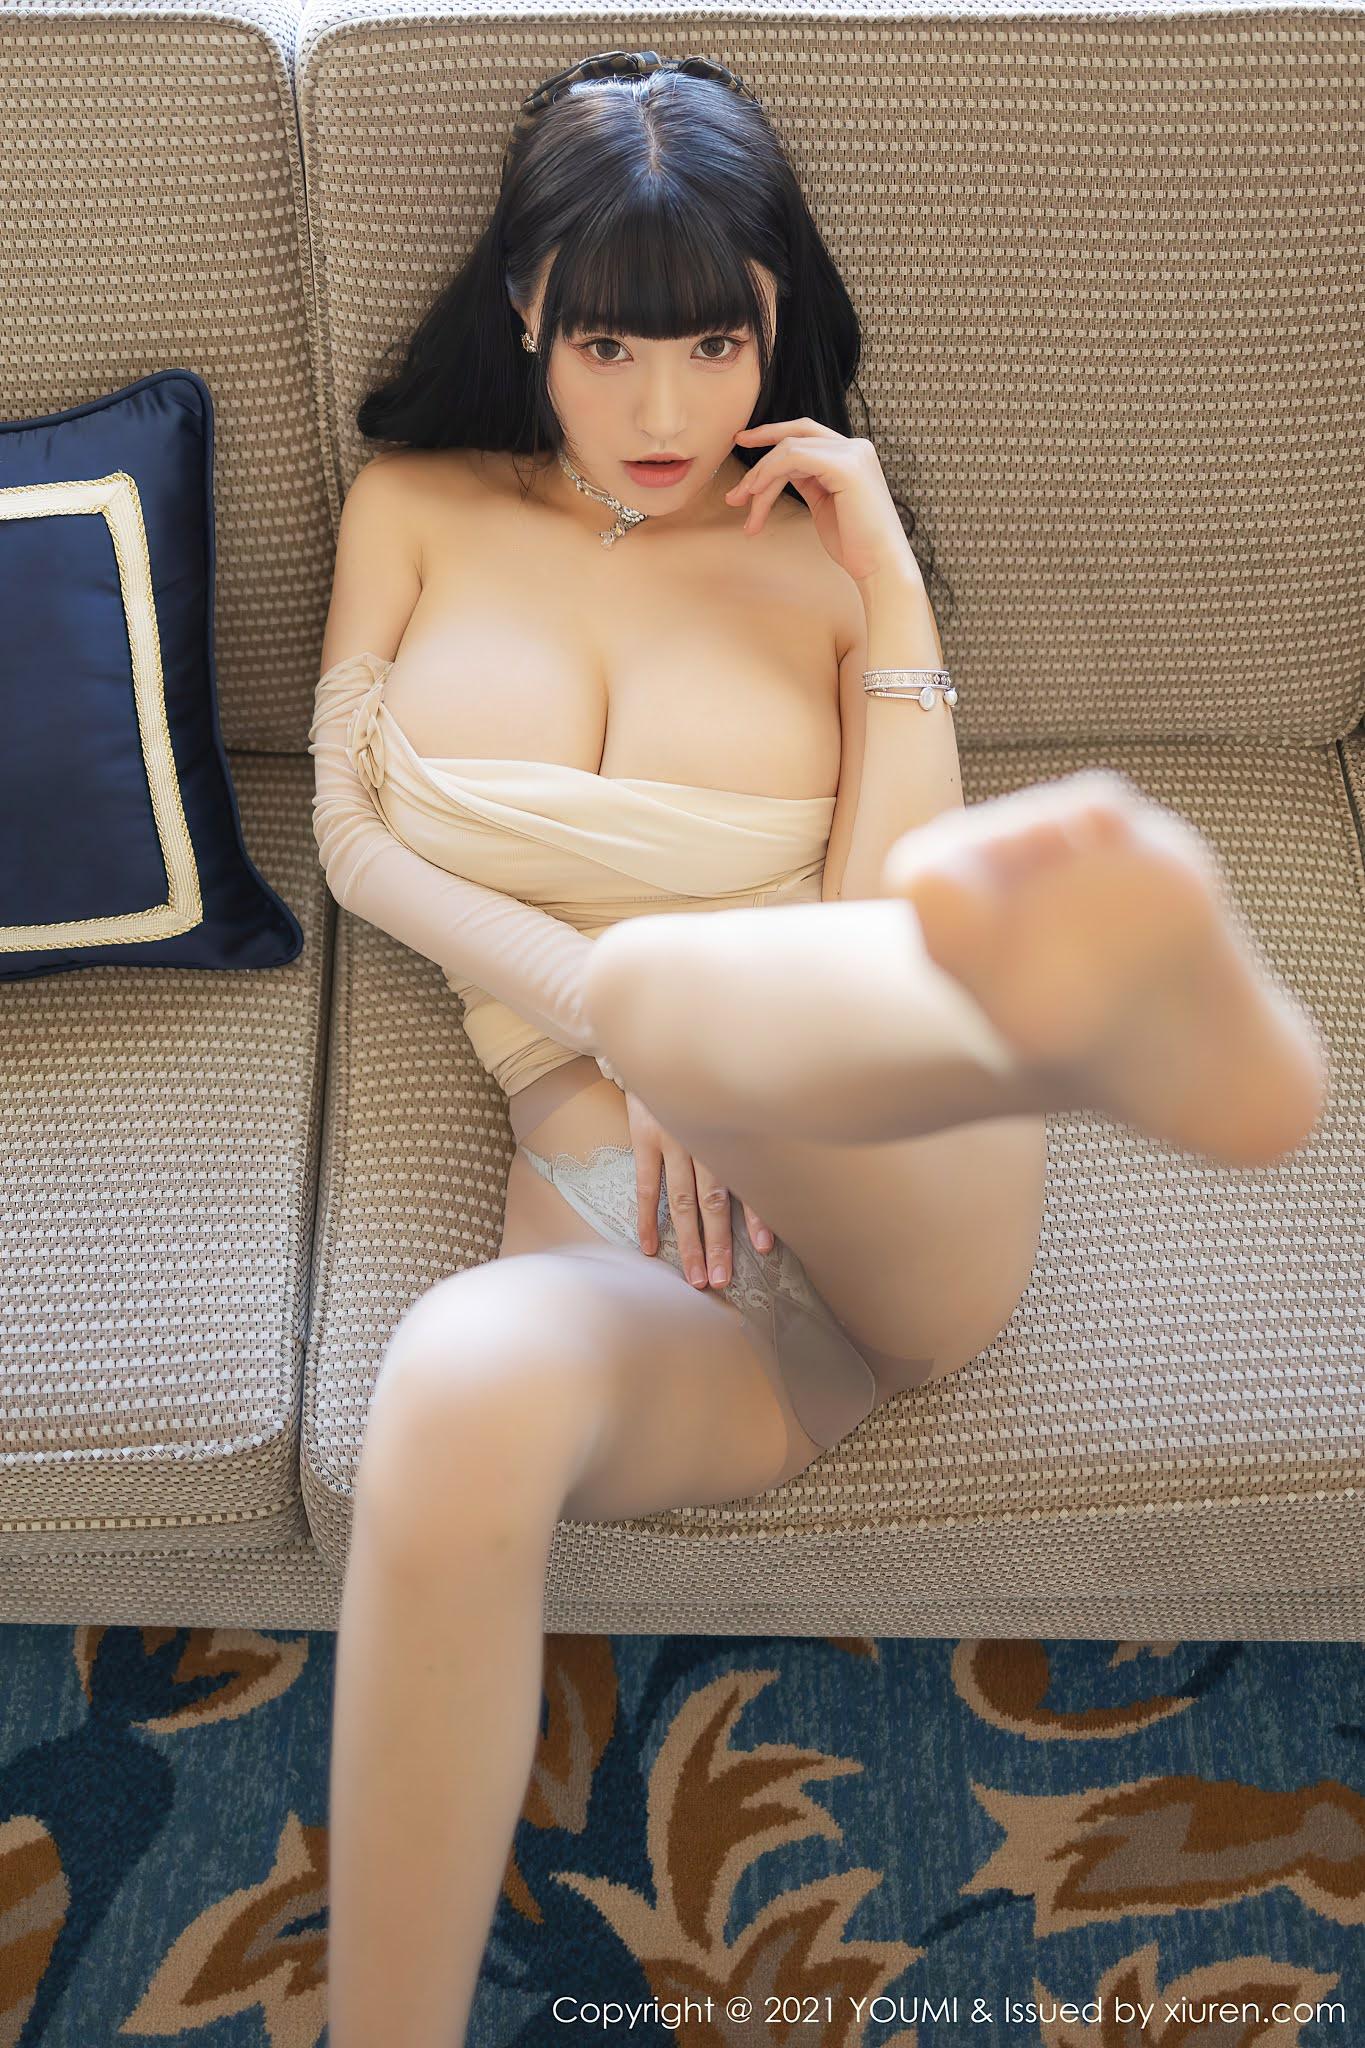 ảnh nóng gái xinh 12BET hot girl